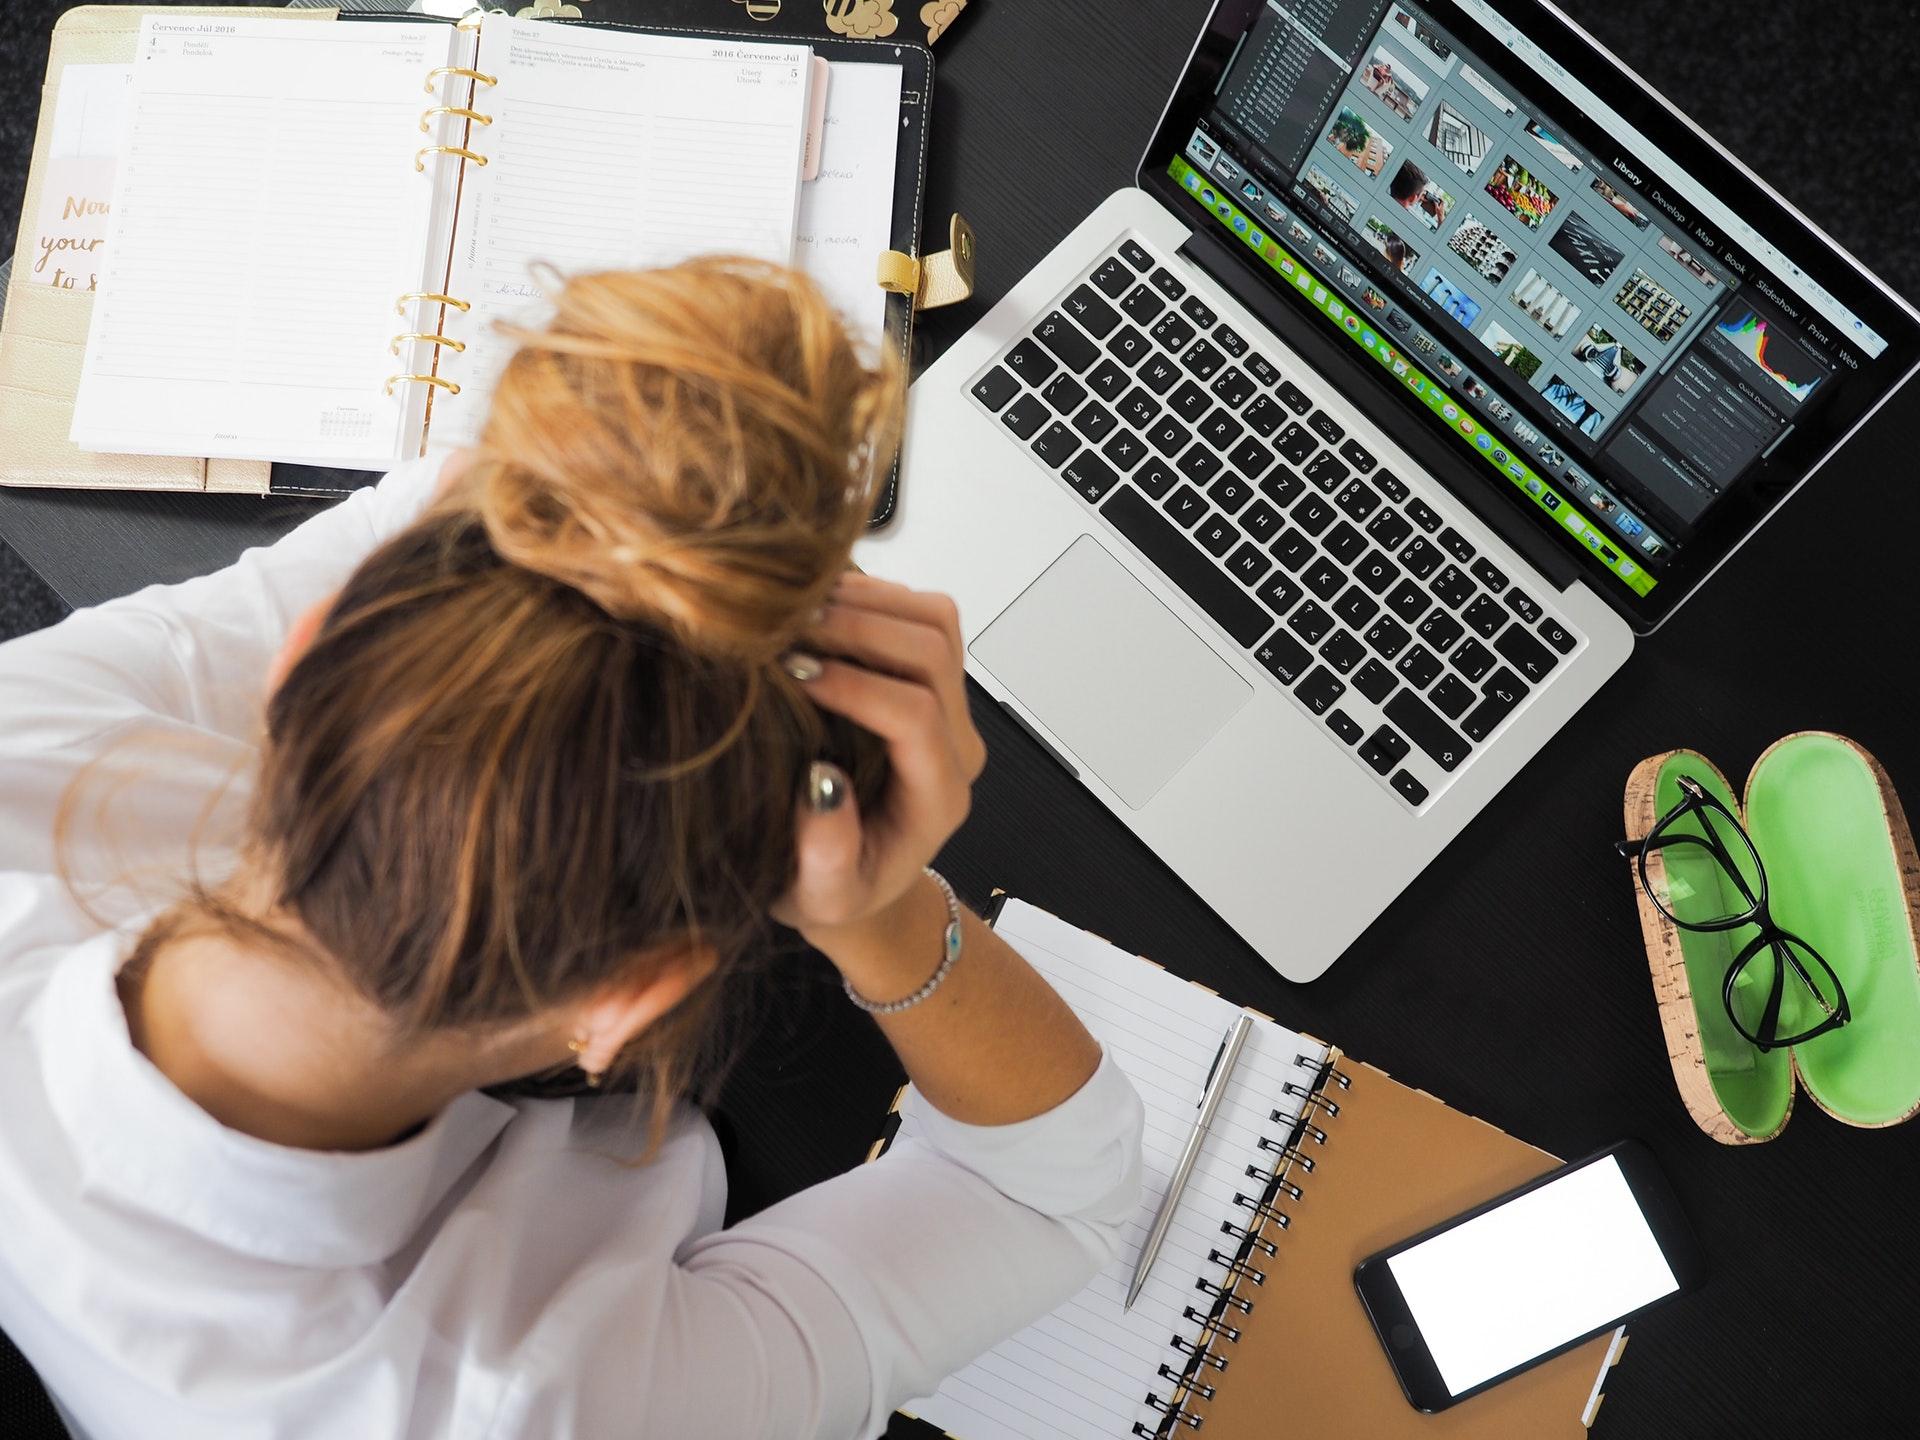 Frau, die verzweifelt über ihren Laptop und ihr Notizbuch lehnt